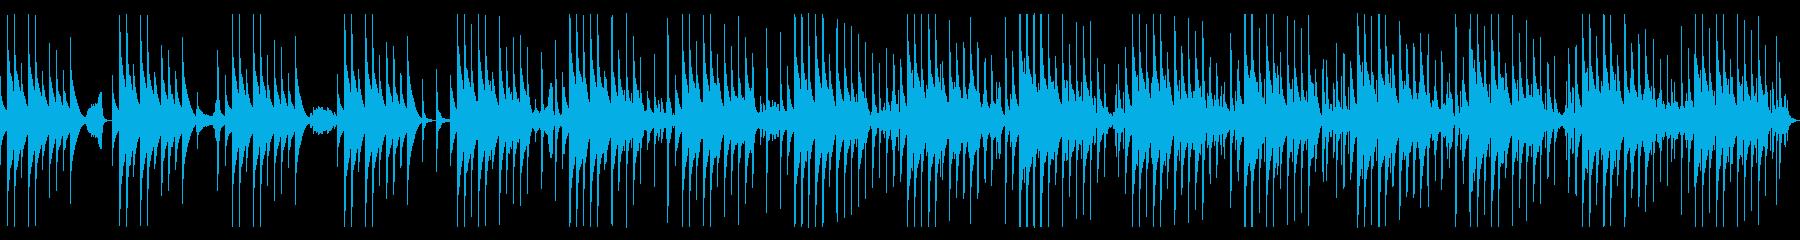 ピタゴラスイッチ風コミカルに焦るBGMの再生済みの波形